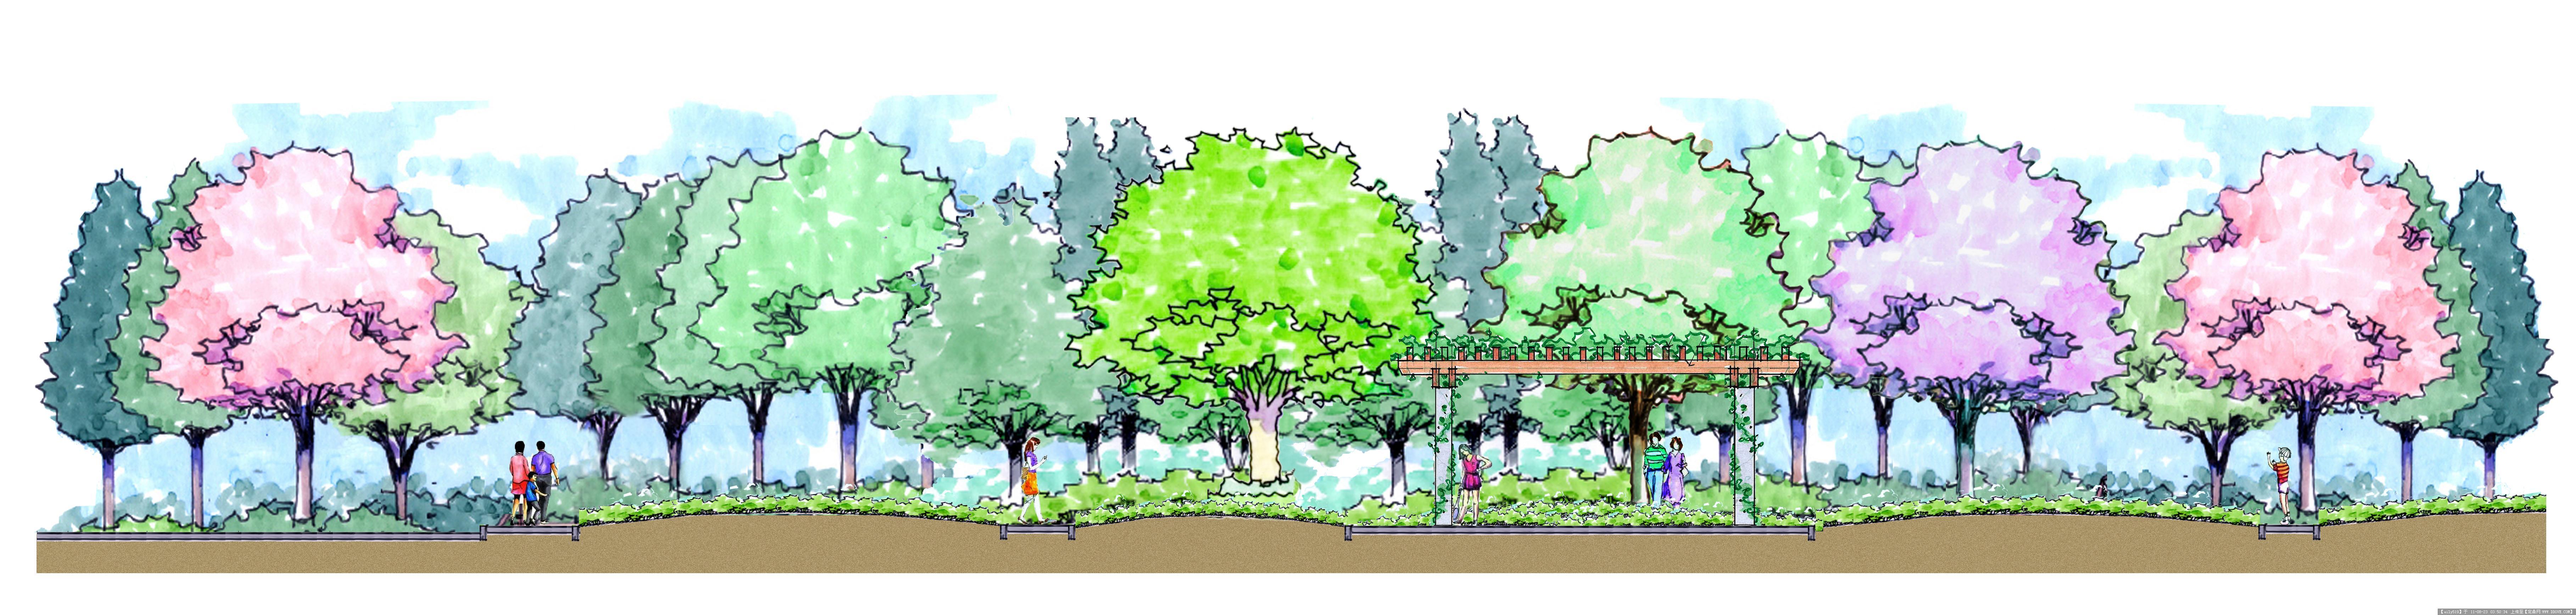 公园景观剖面图